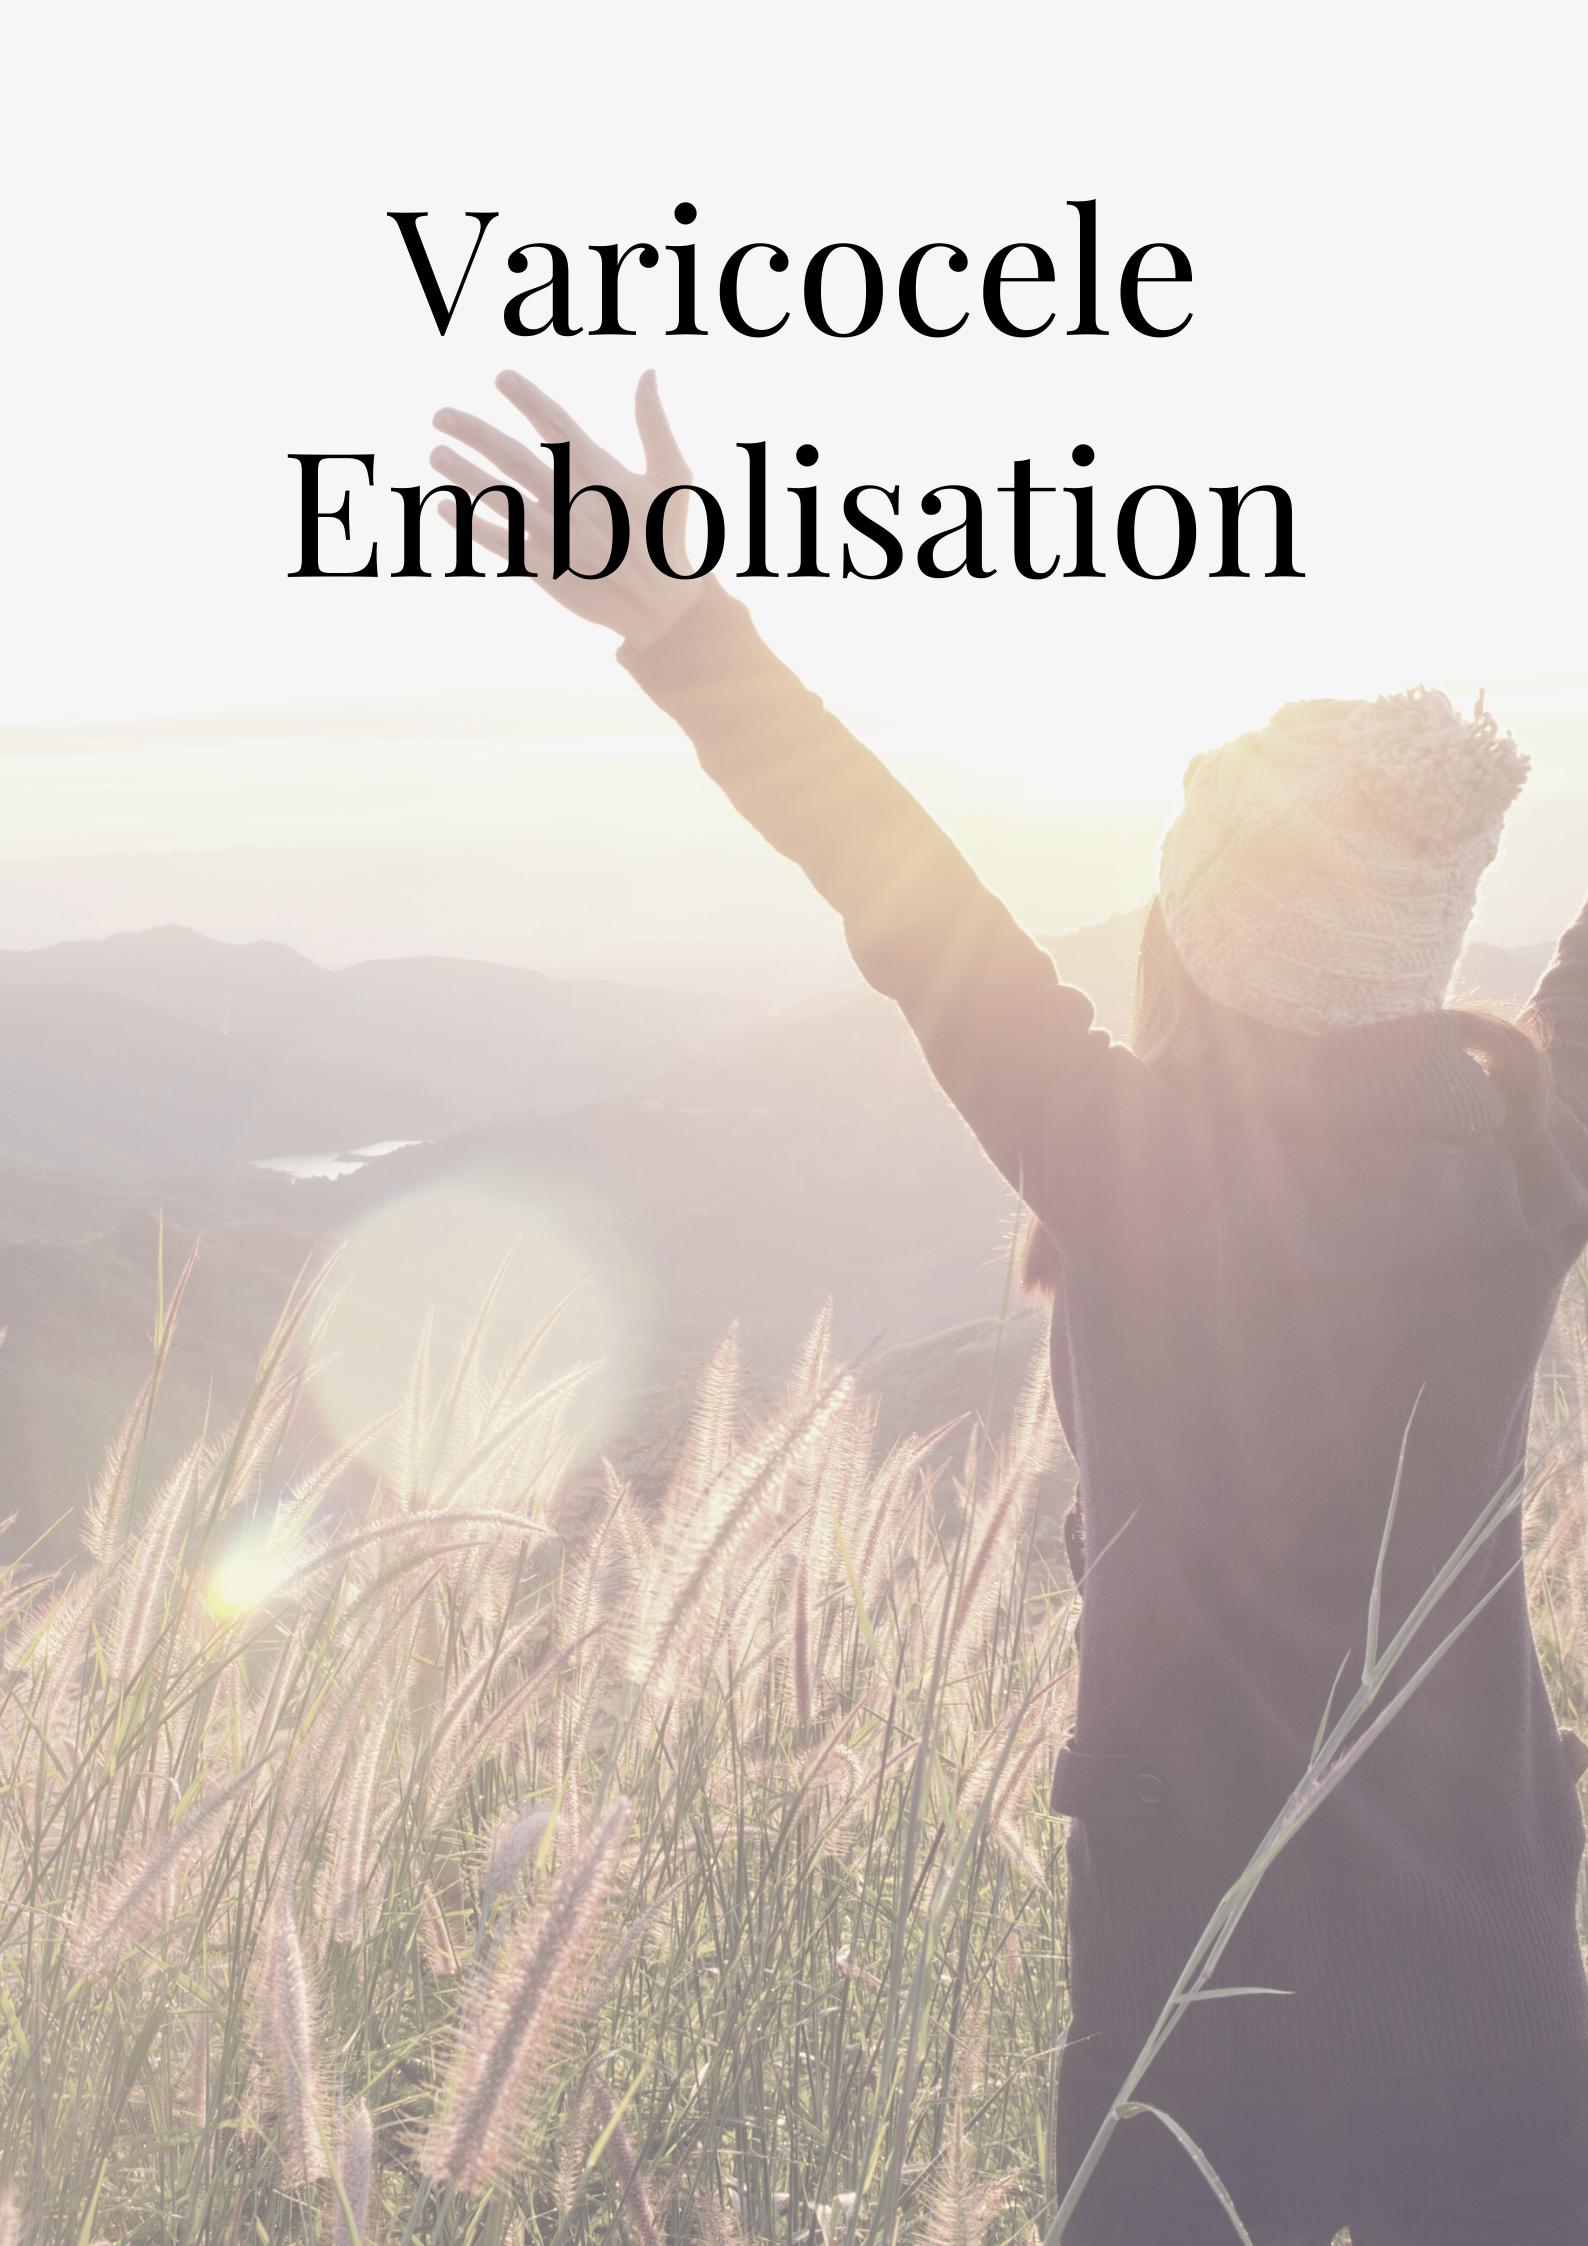 Varicocele Embolisation